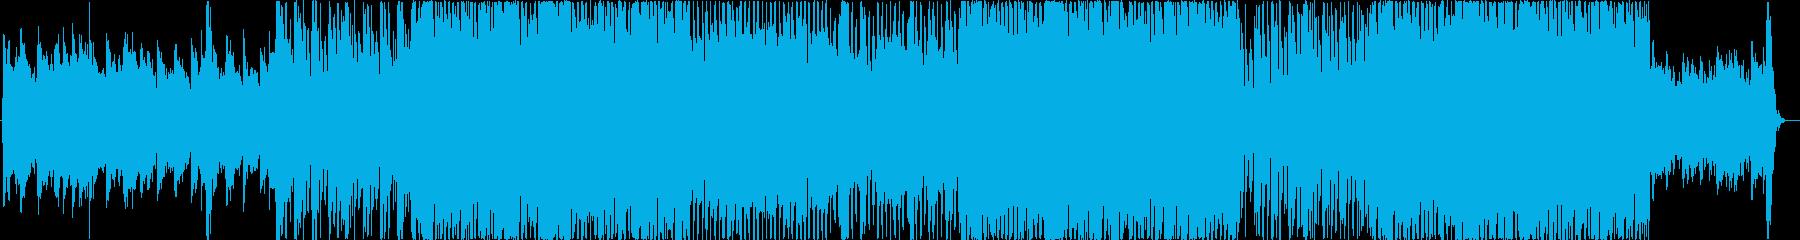 コールドプレイスタイル。の再生済みの波形